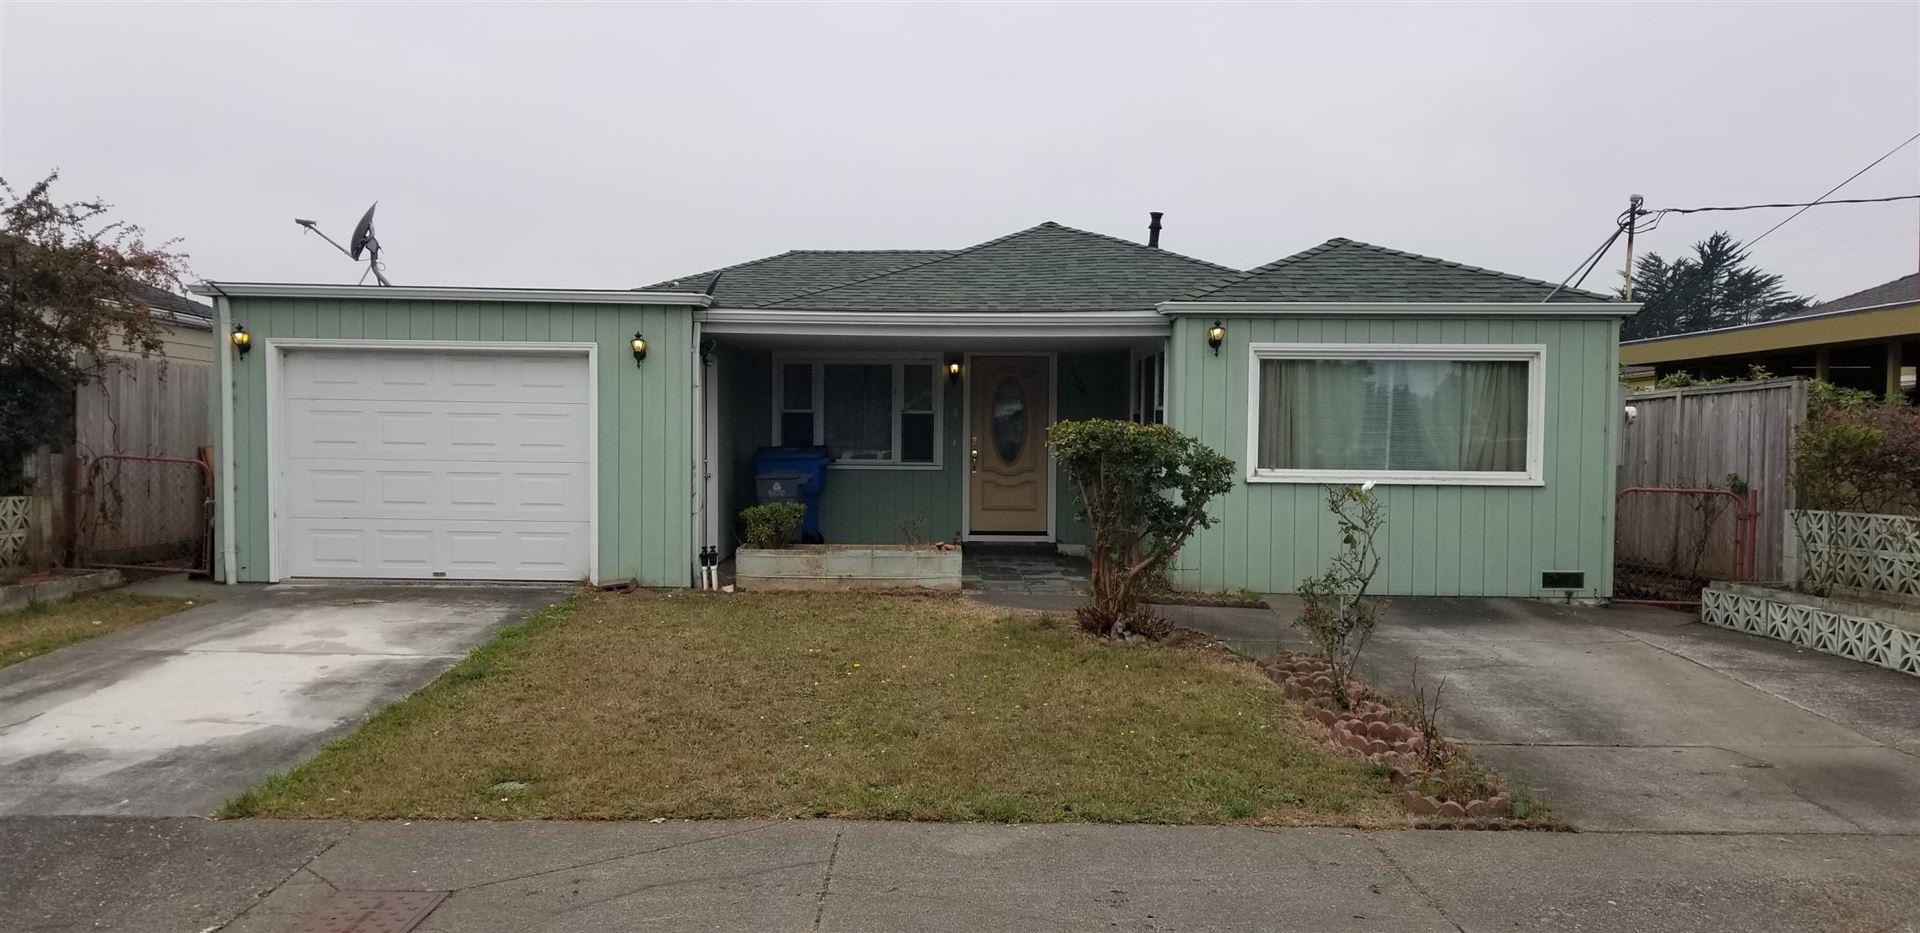 3126 M Street, Eureka, CA 95503 - MLS#: 257535